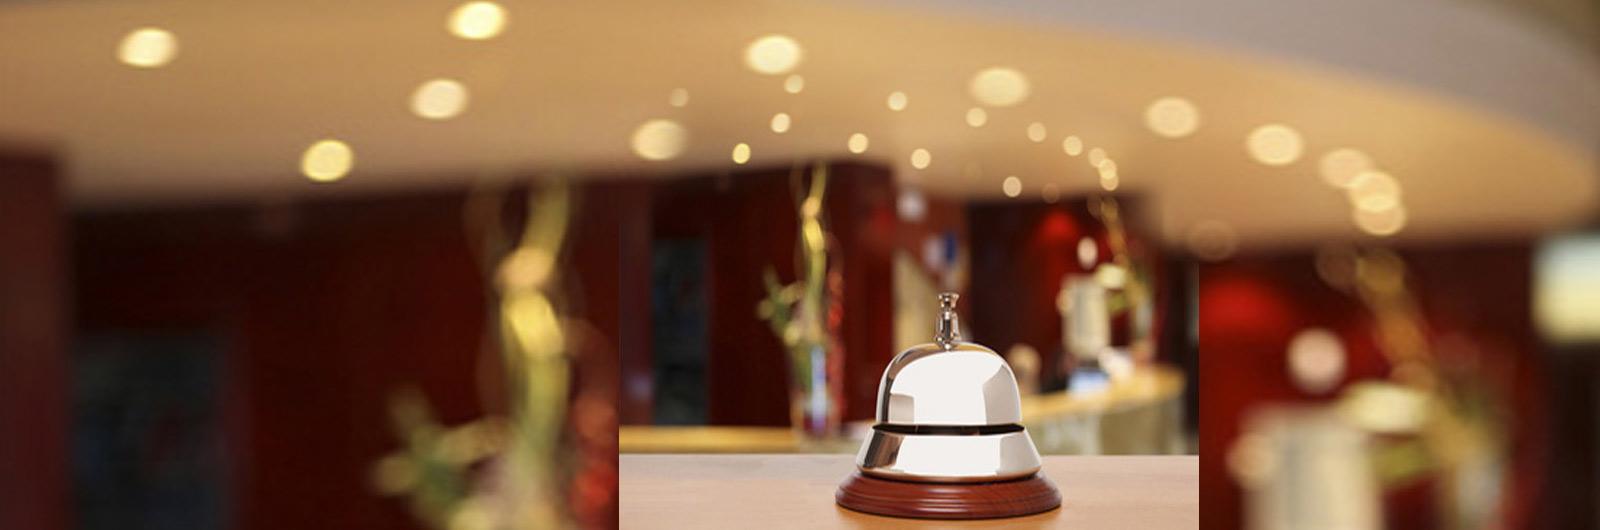 Hotelsterne als Qualitätsmerkmal